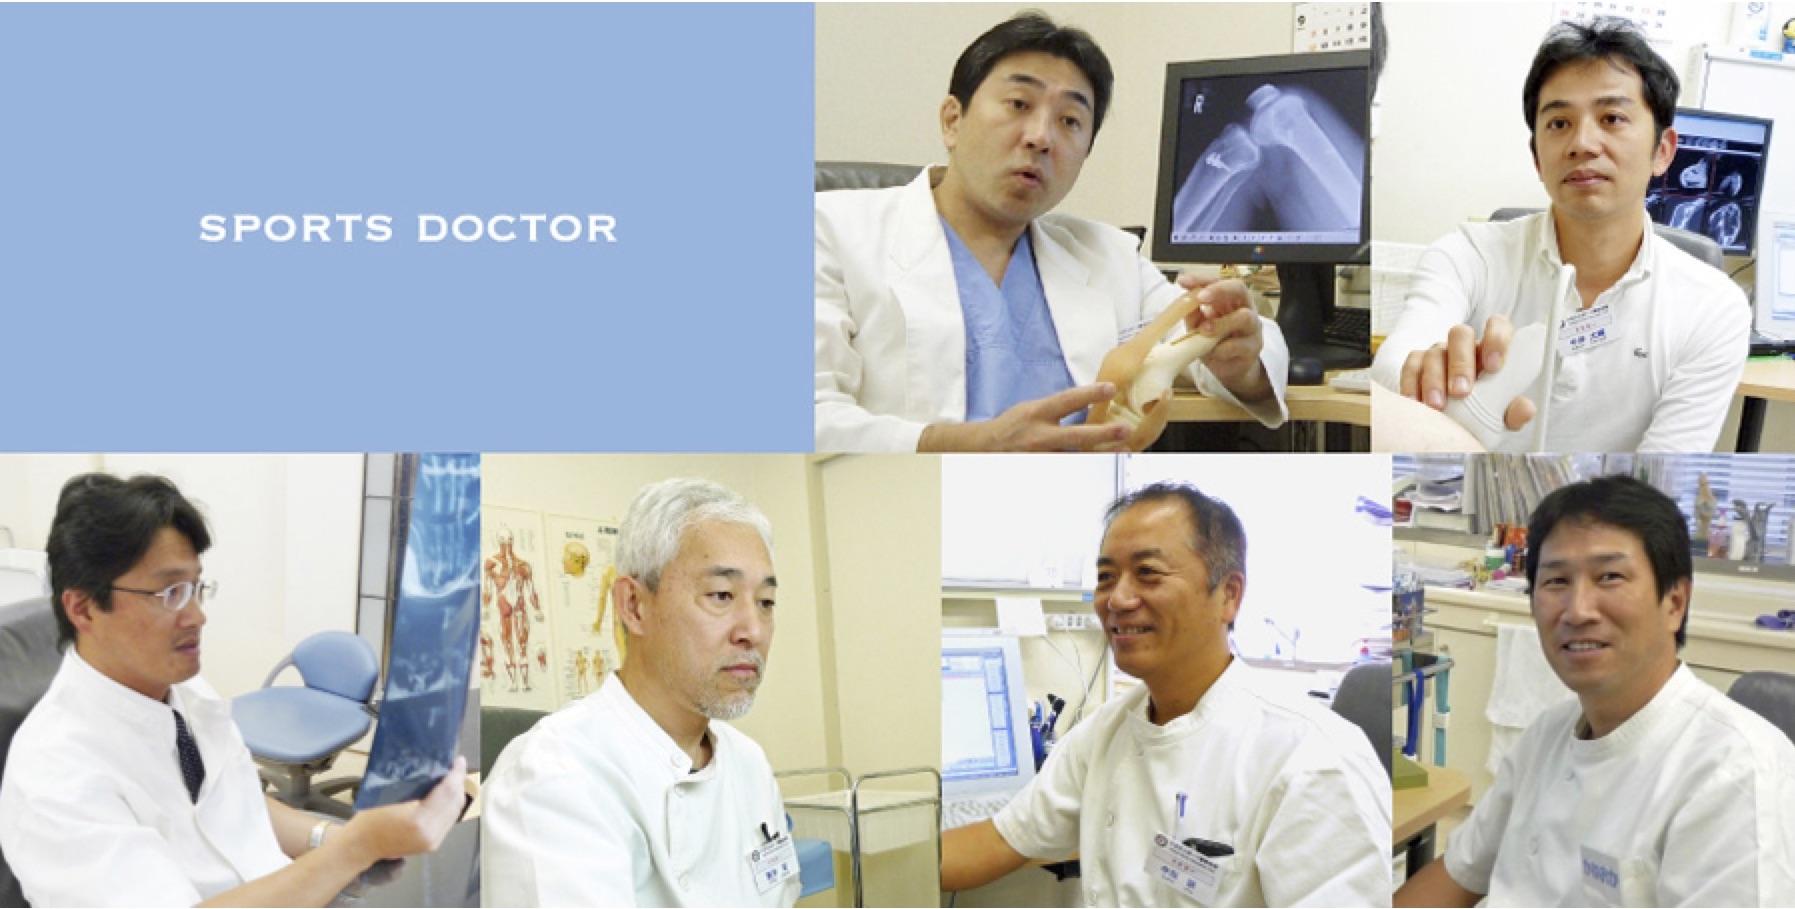 八王子スポーツ整形外科 サイト用